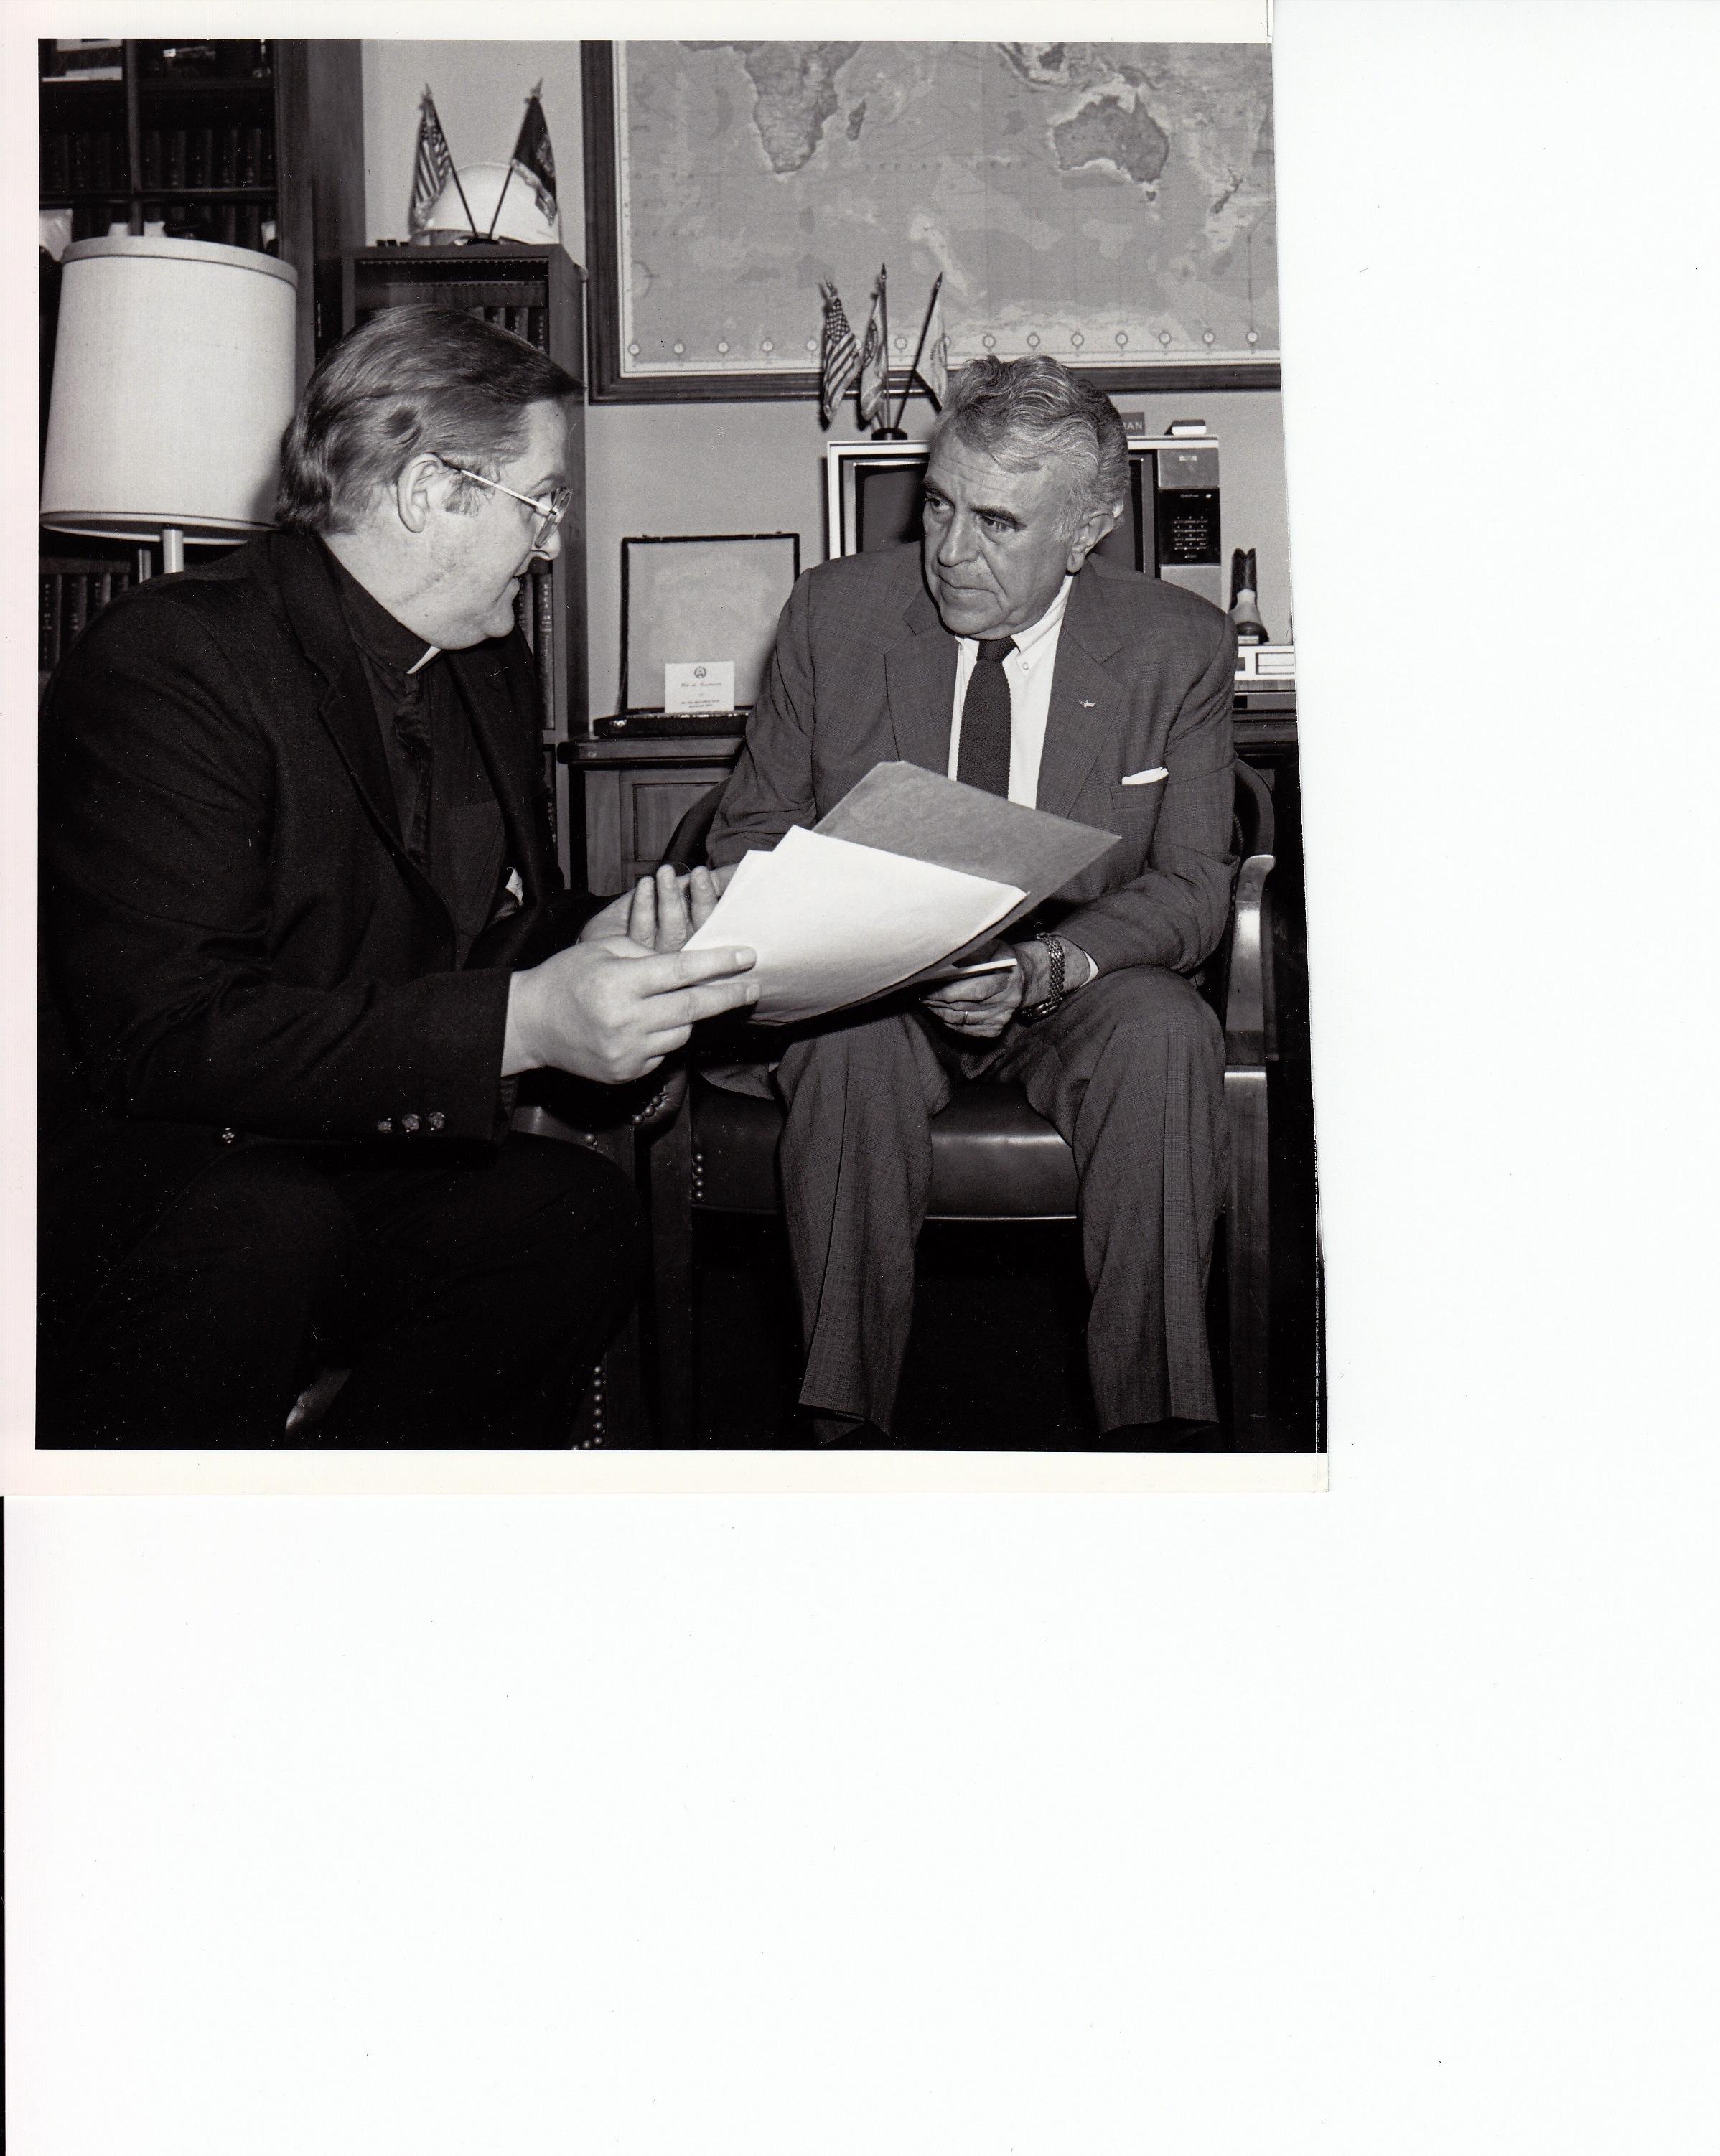 BEN GILLMAN 1989